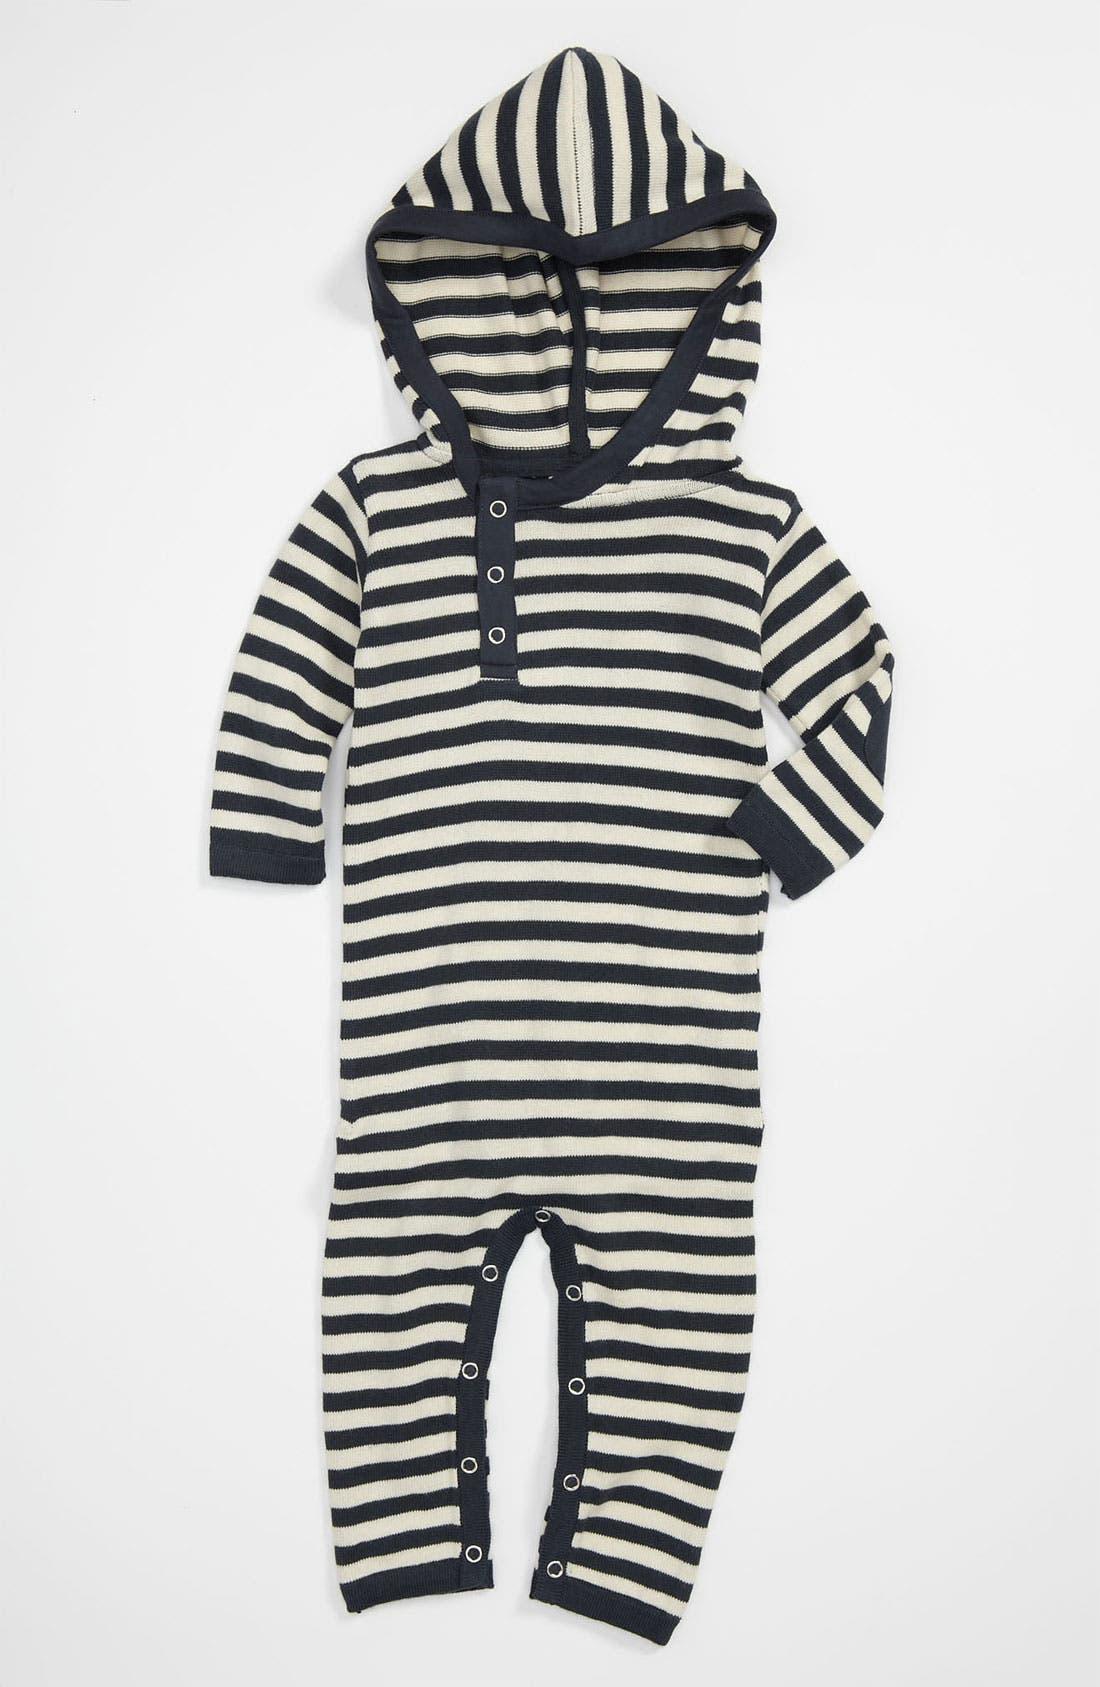 Alternate Image 1 Selected - Kate Quinn Organics Hooded Romper (Infant)